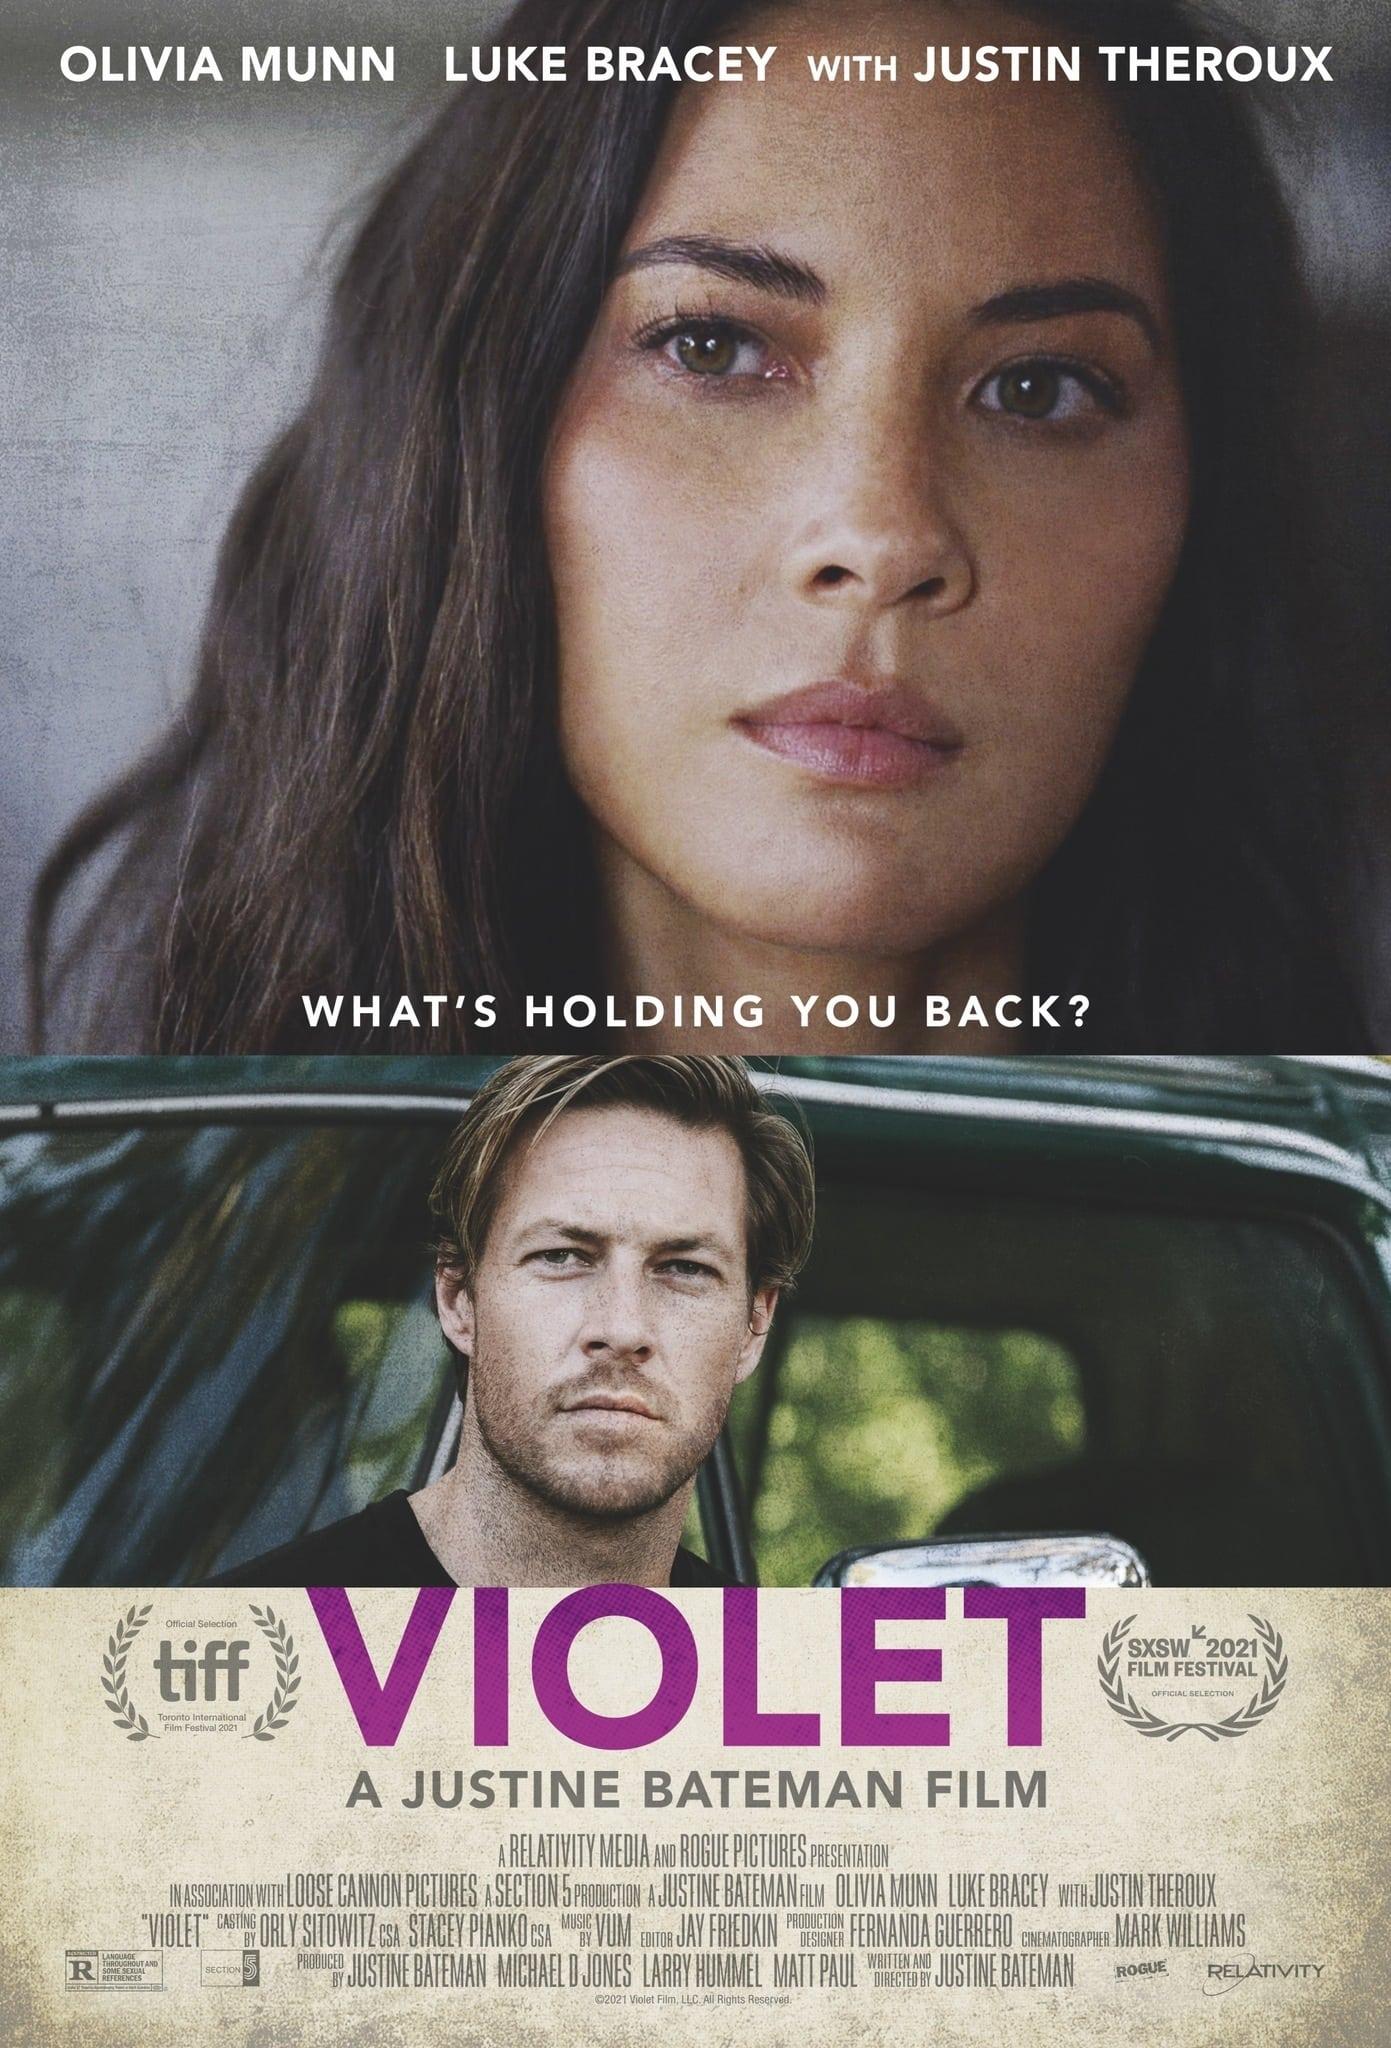 Poster for Violet (2021)